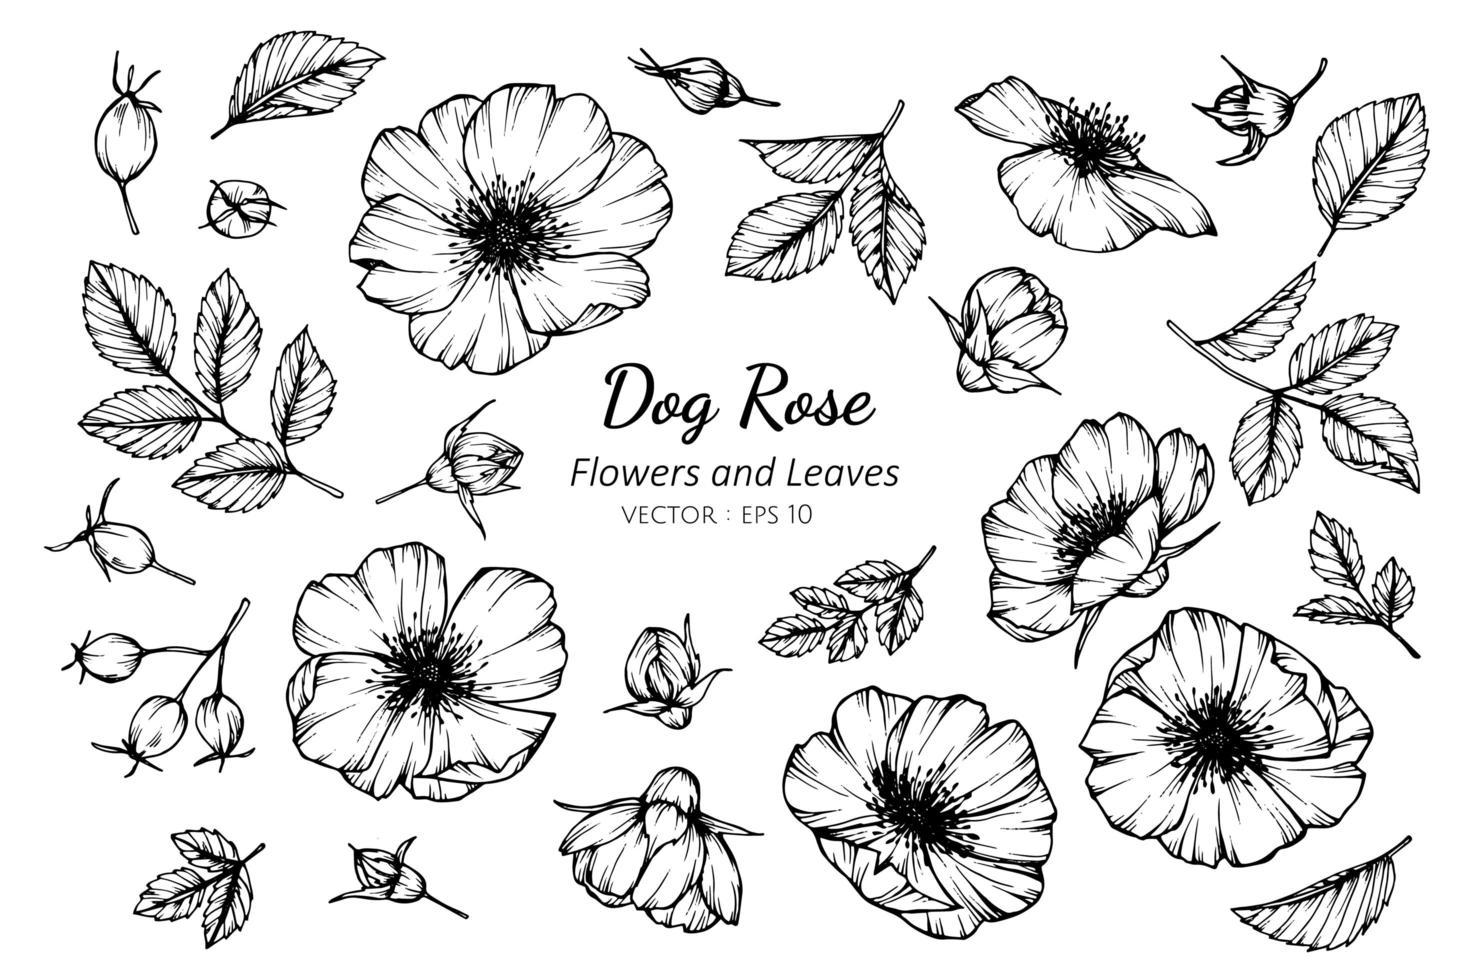 collection de fleurs et de feuilles de rose de chien vecteur